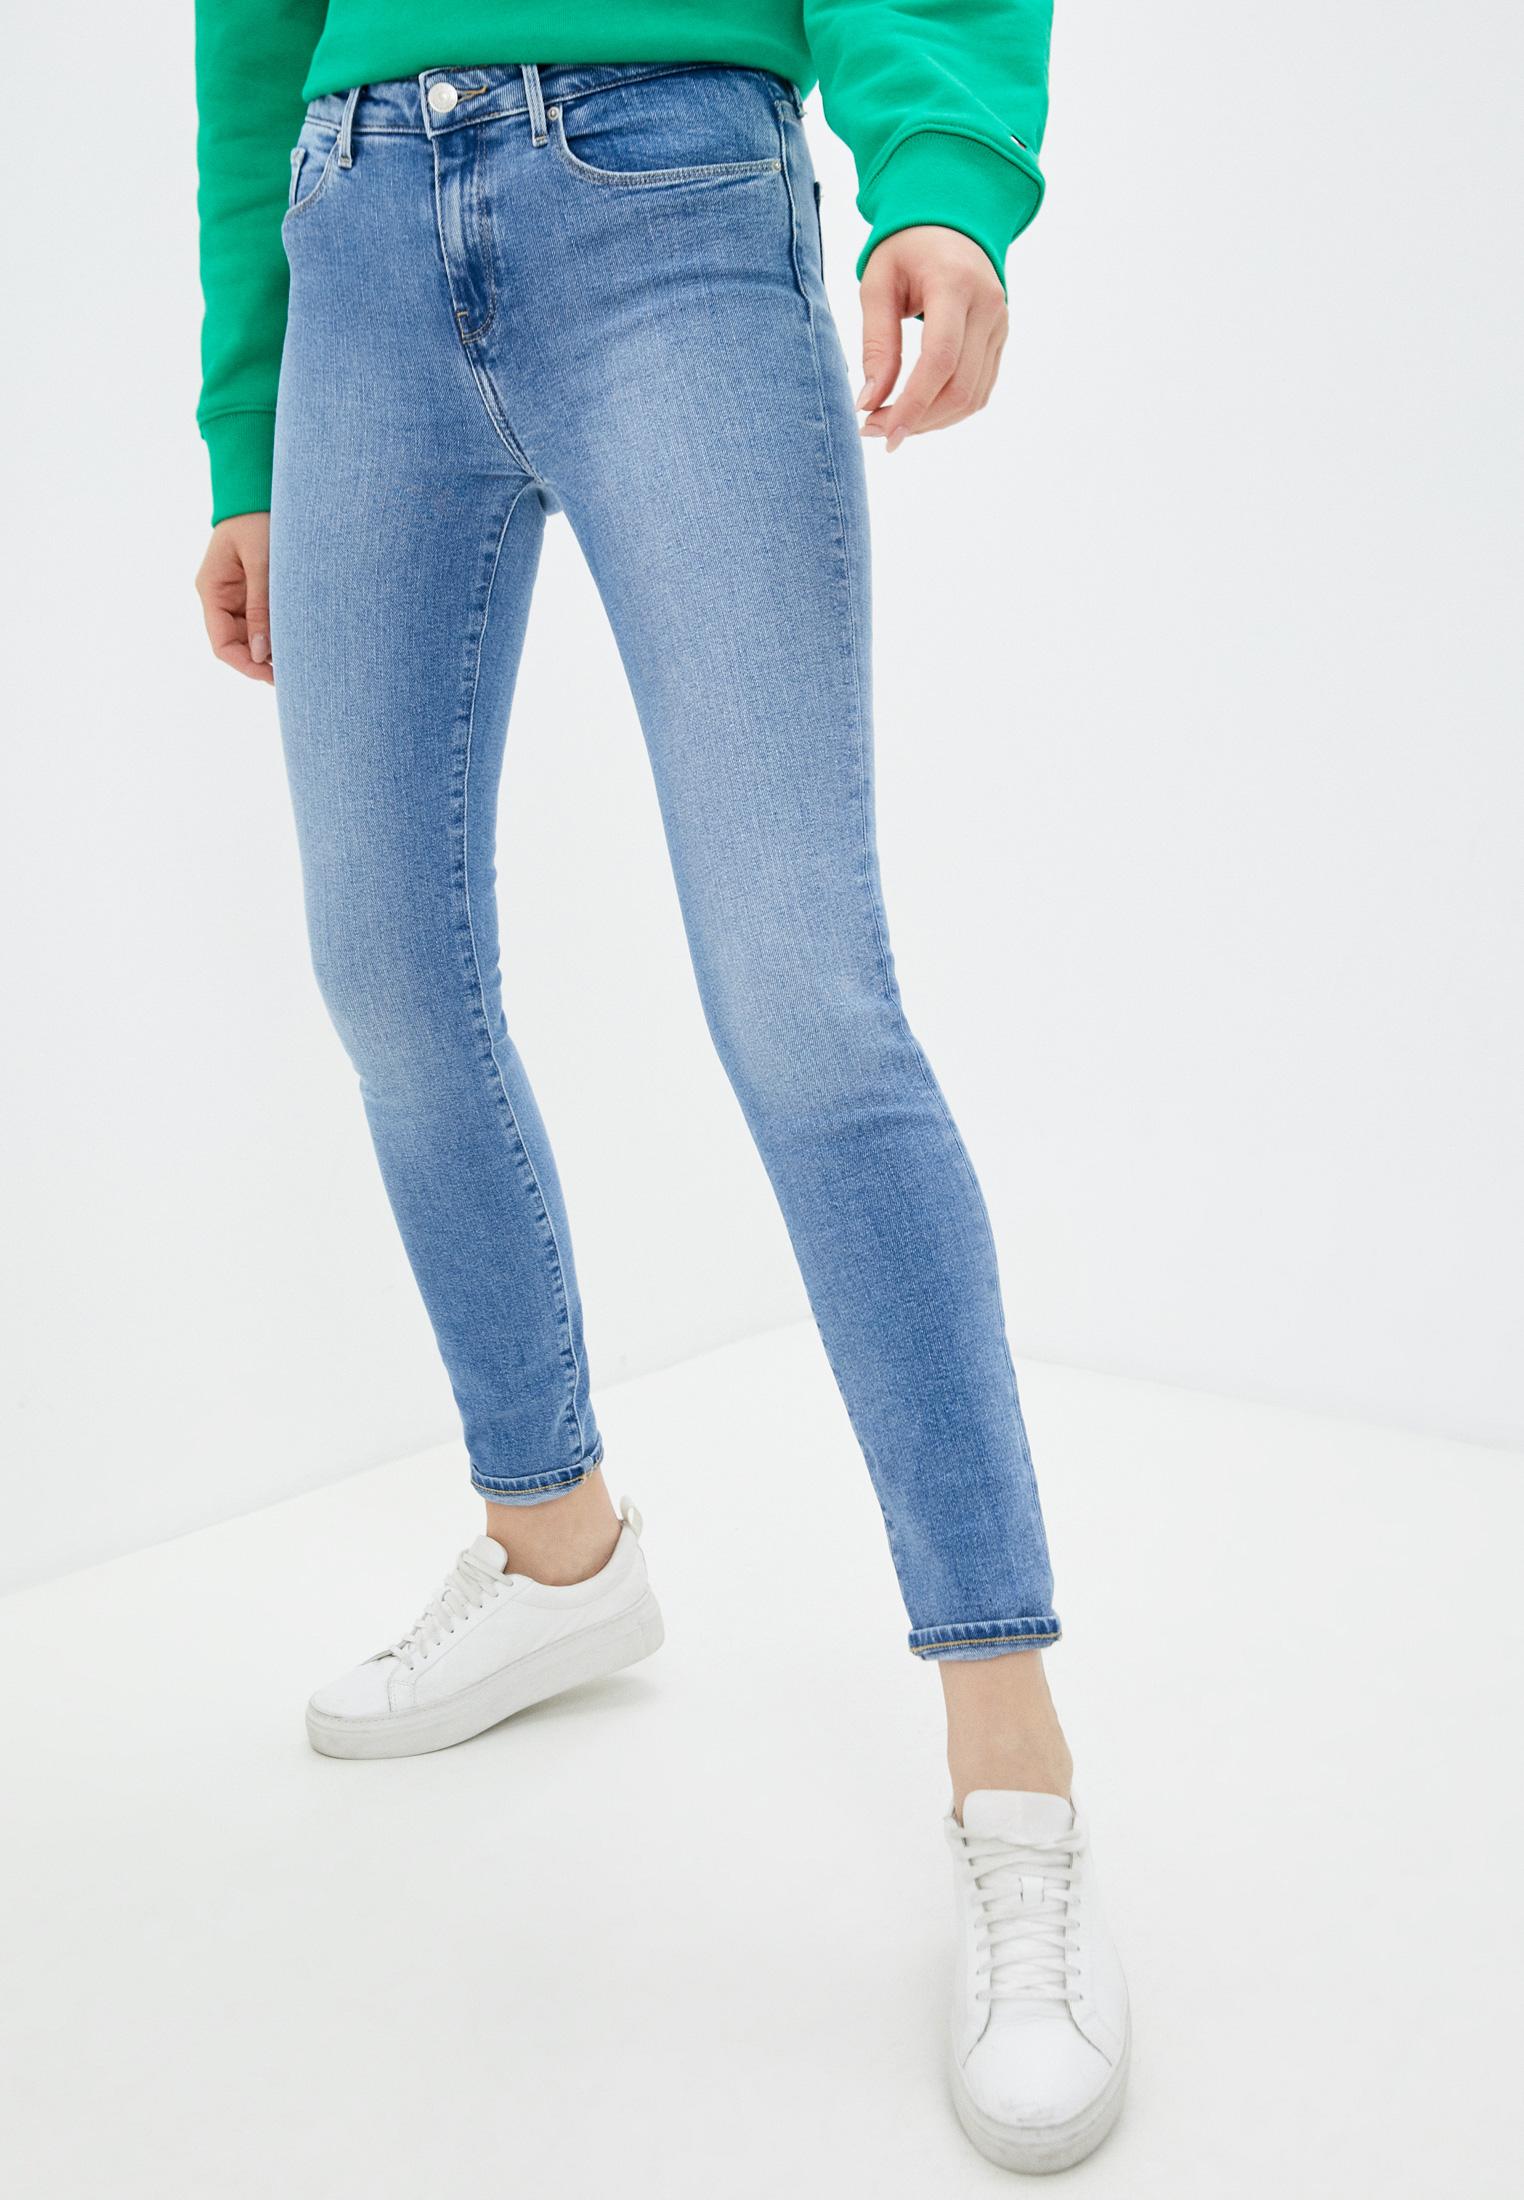 Зауженные джинсы Tommy Hilfiger (Томми Хилфигер) WW0WW30198